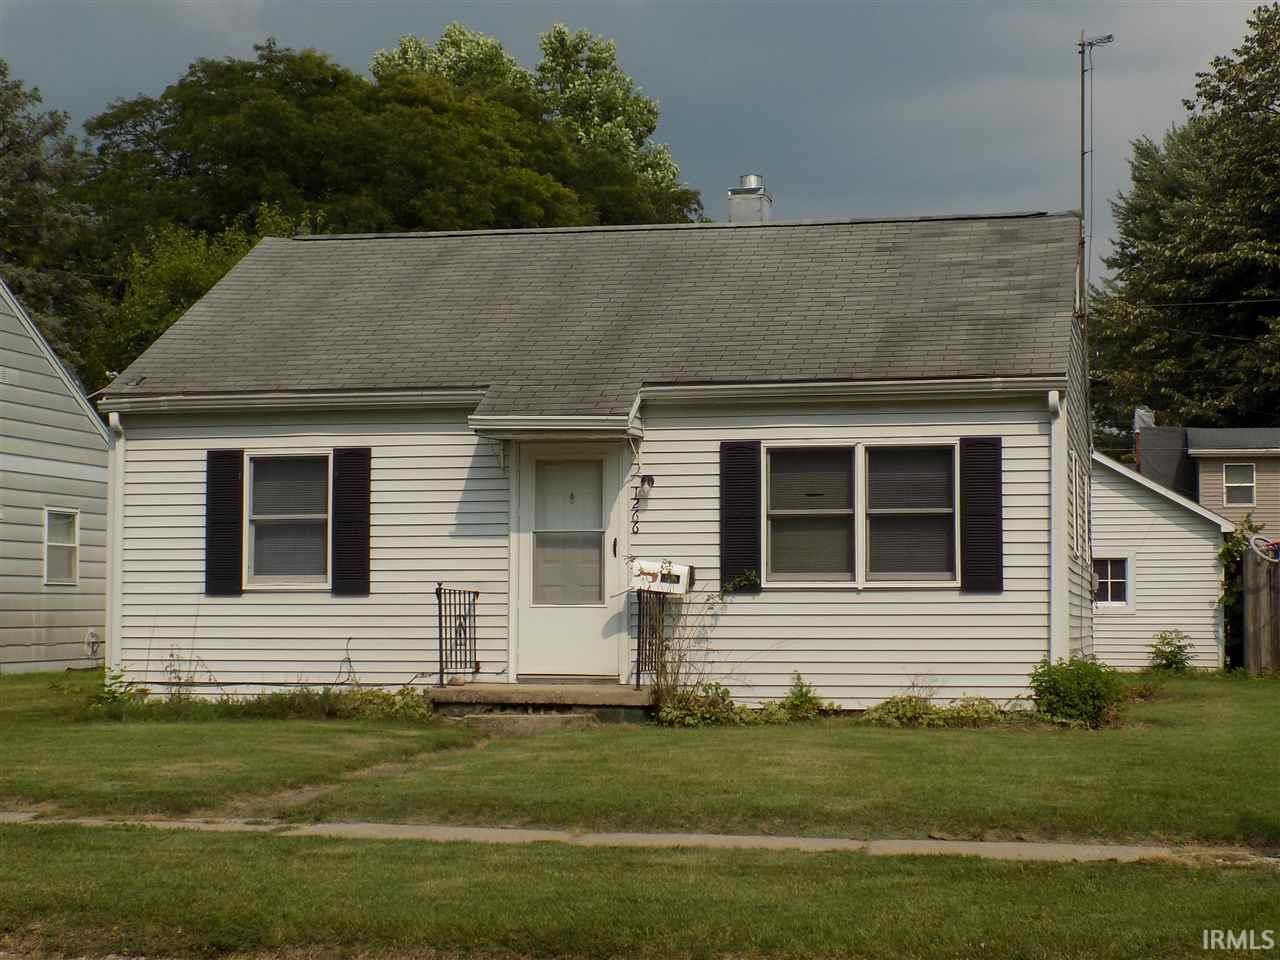 1266 N Main Elkhart, IN 46514